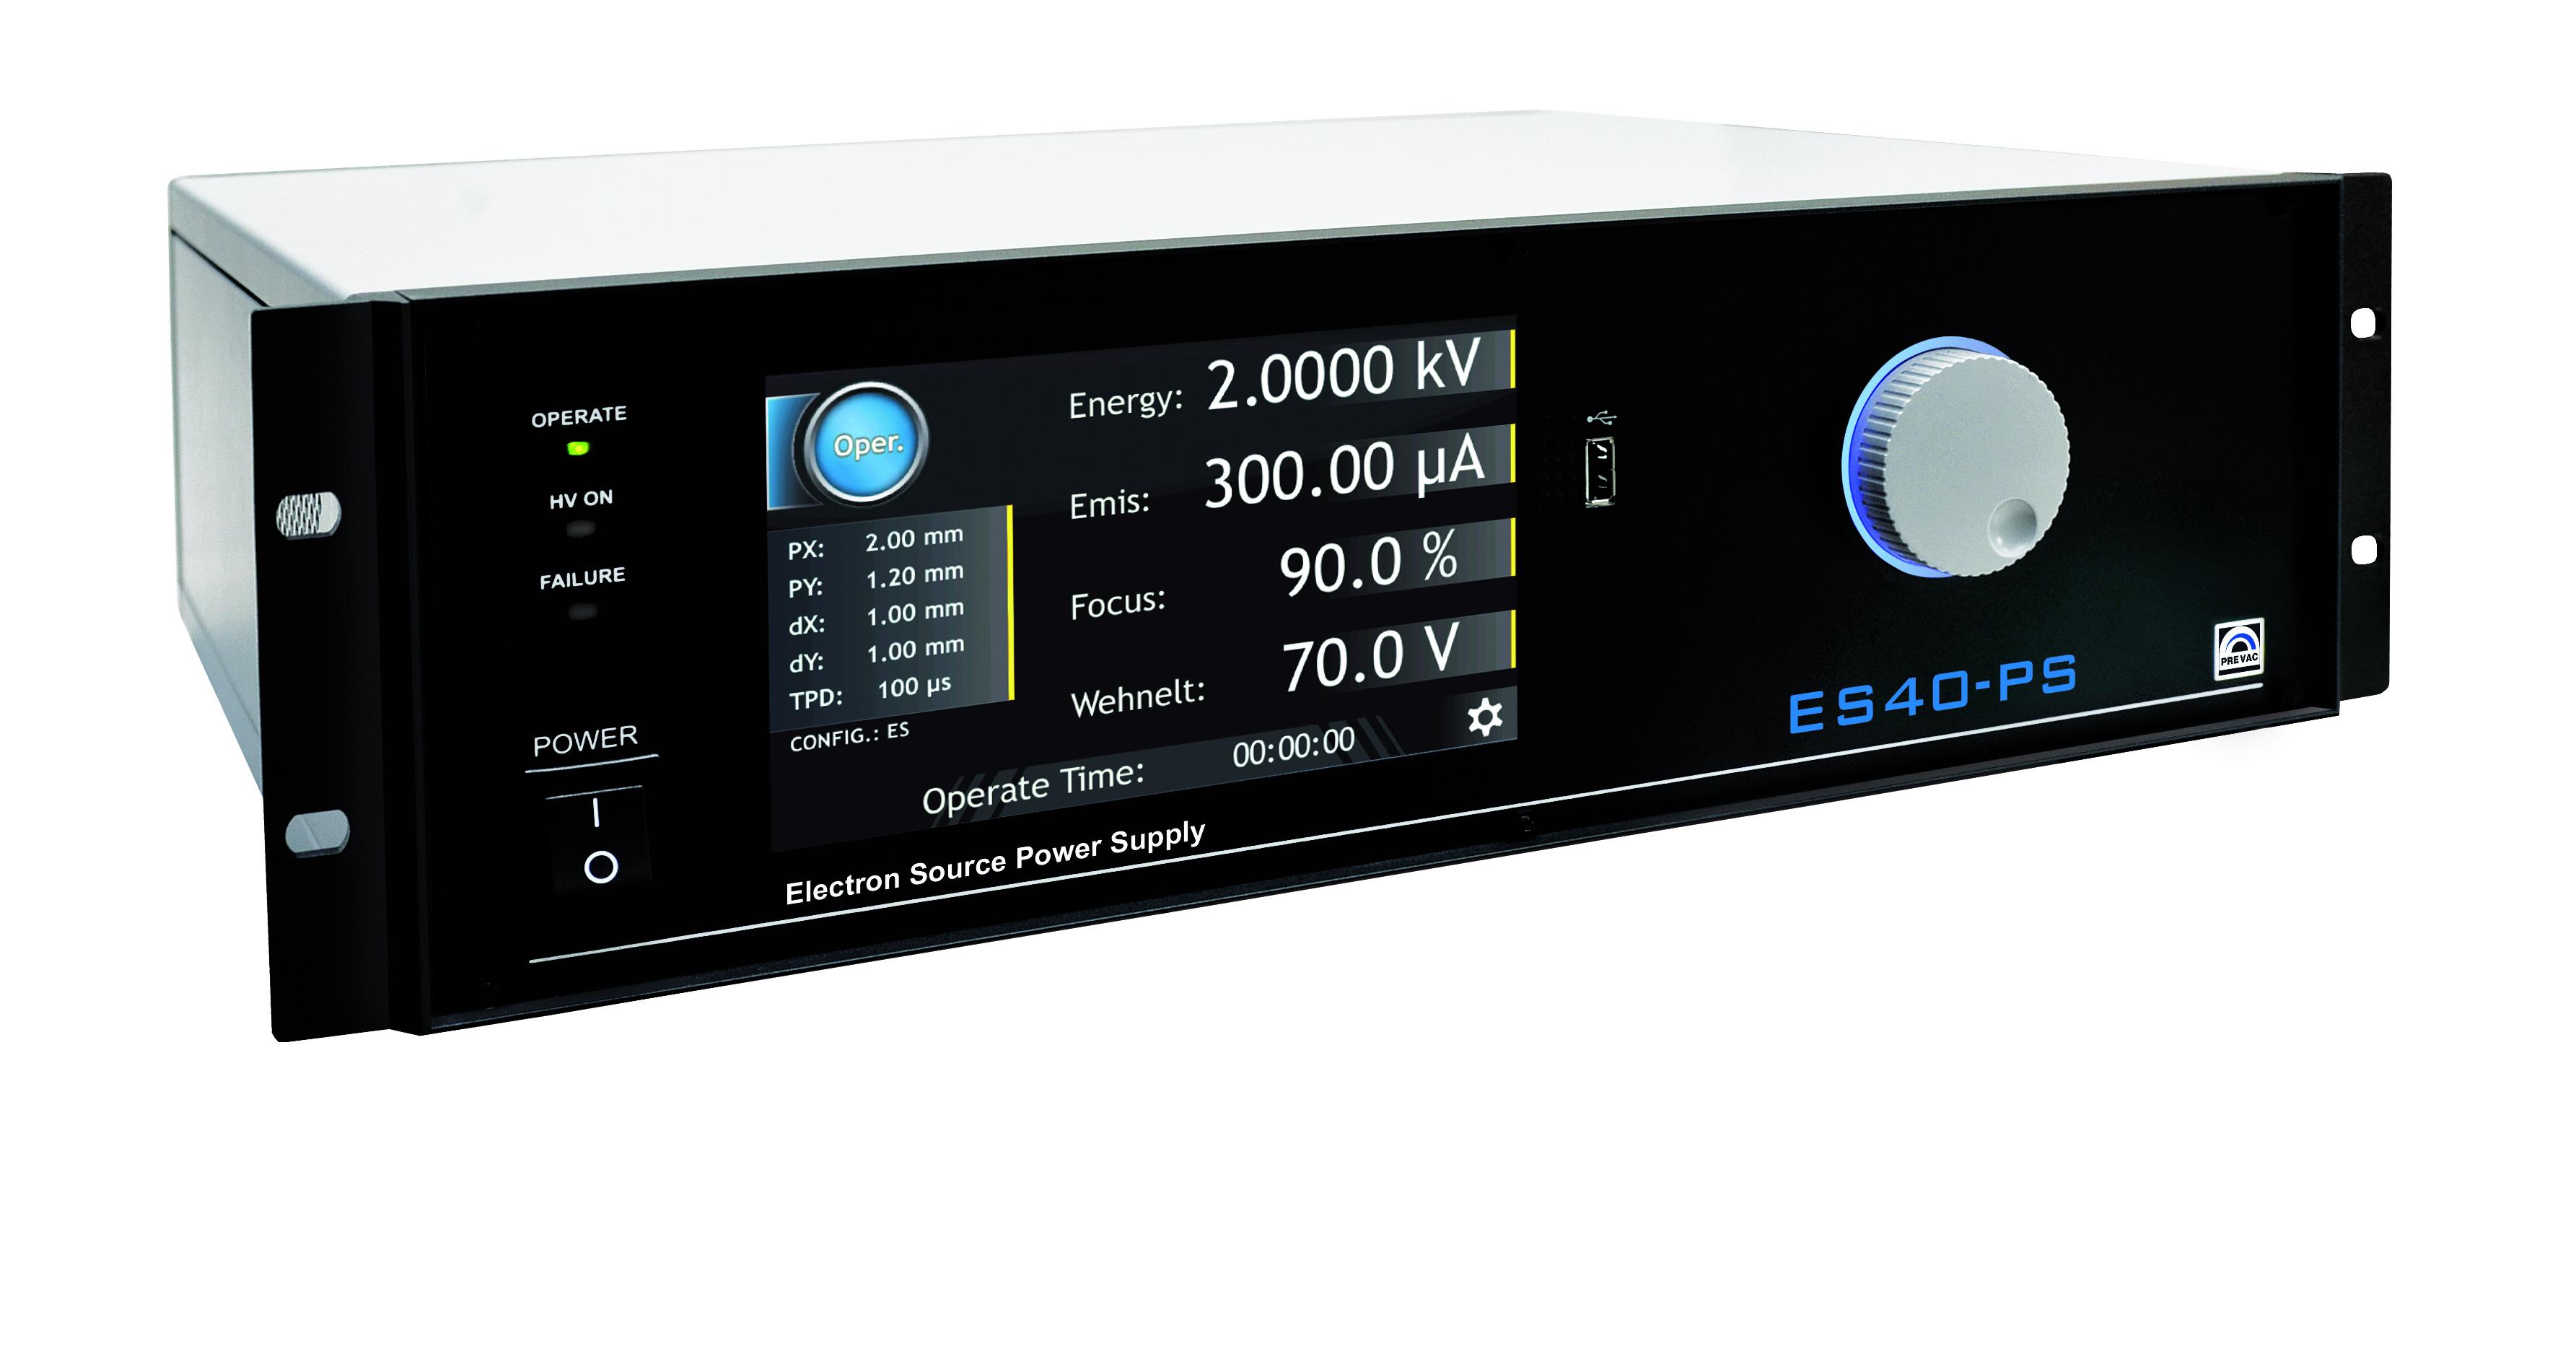 ES40-PS